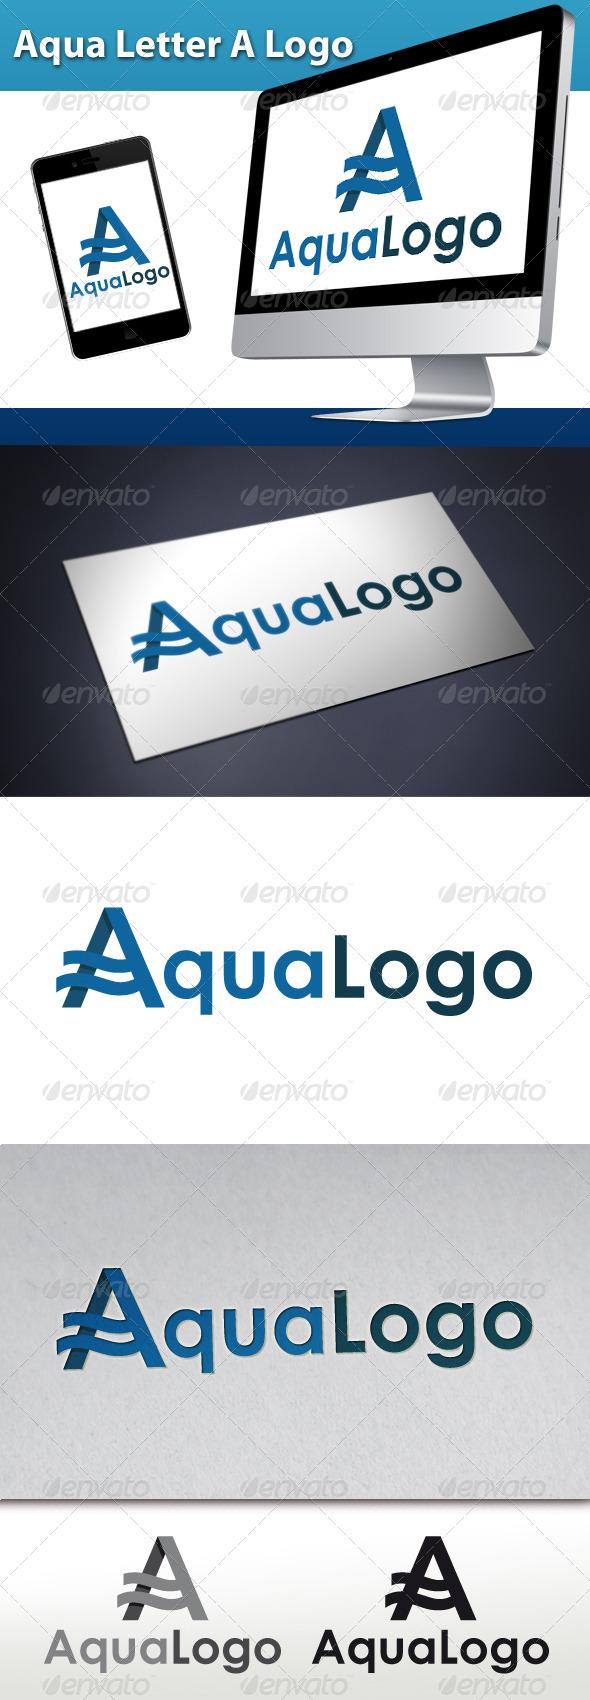 GraphicRiver Aqua Letter A Logo 3337474